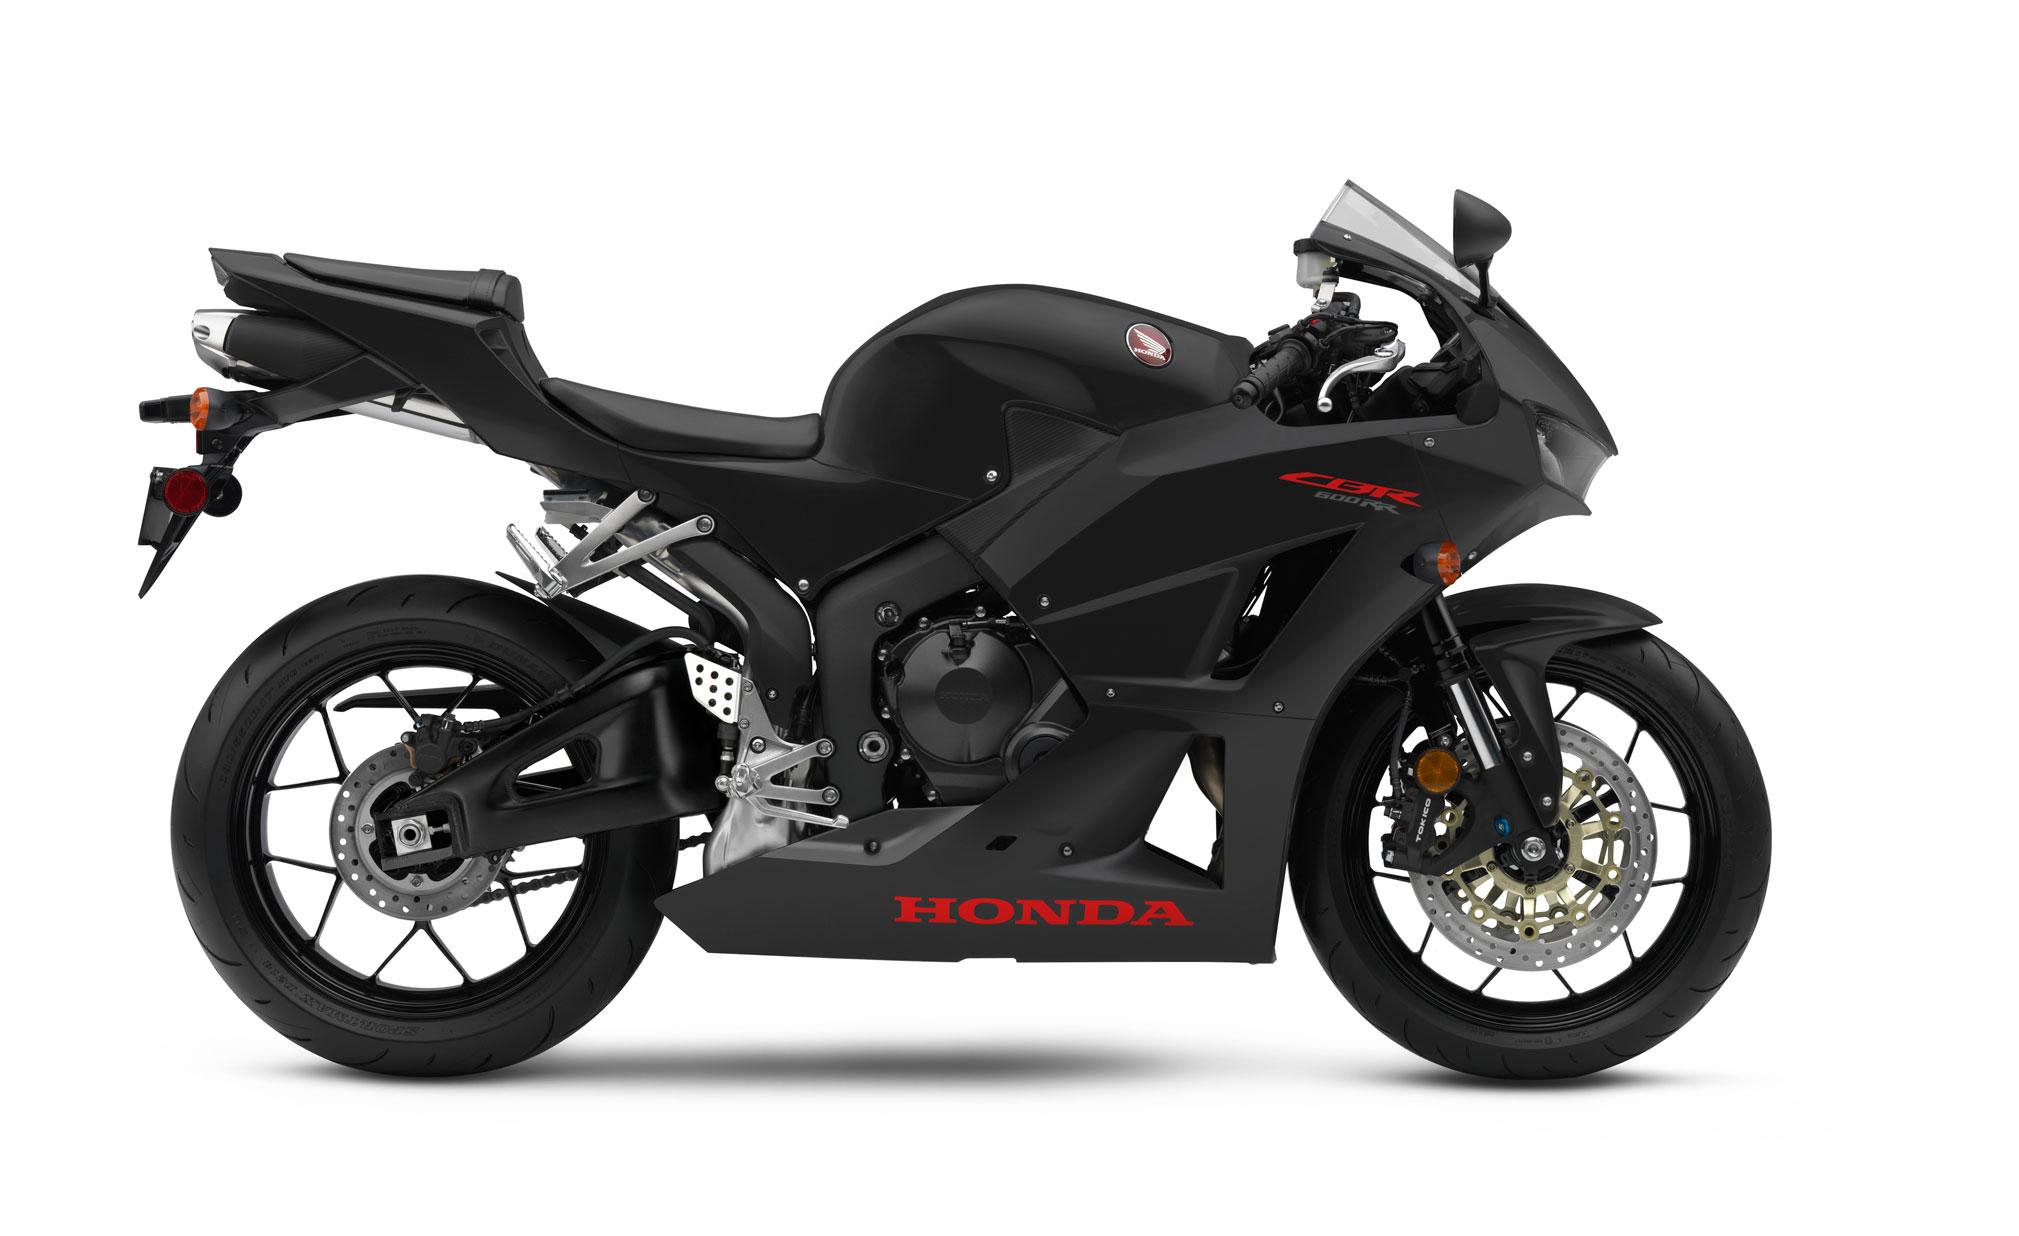 2019 Honda Cbr600rr Motosiklet Sitesi